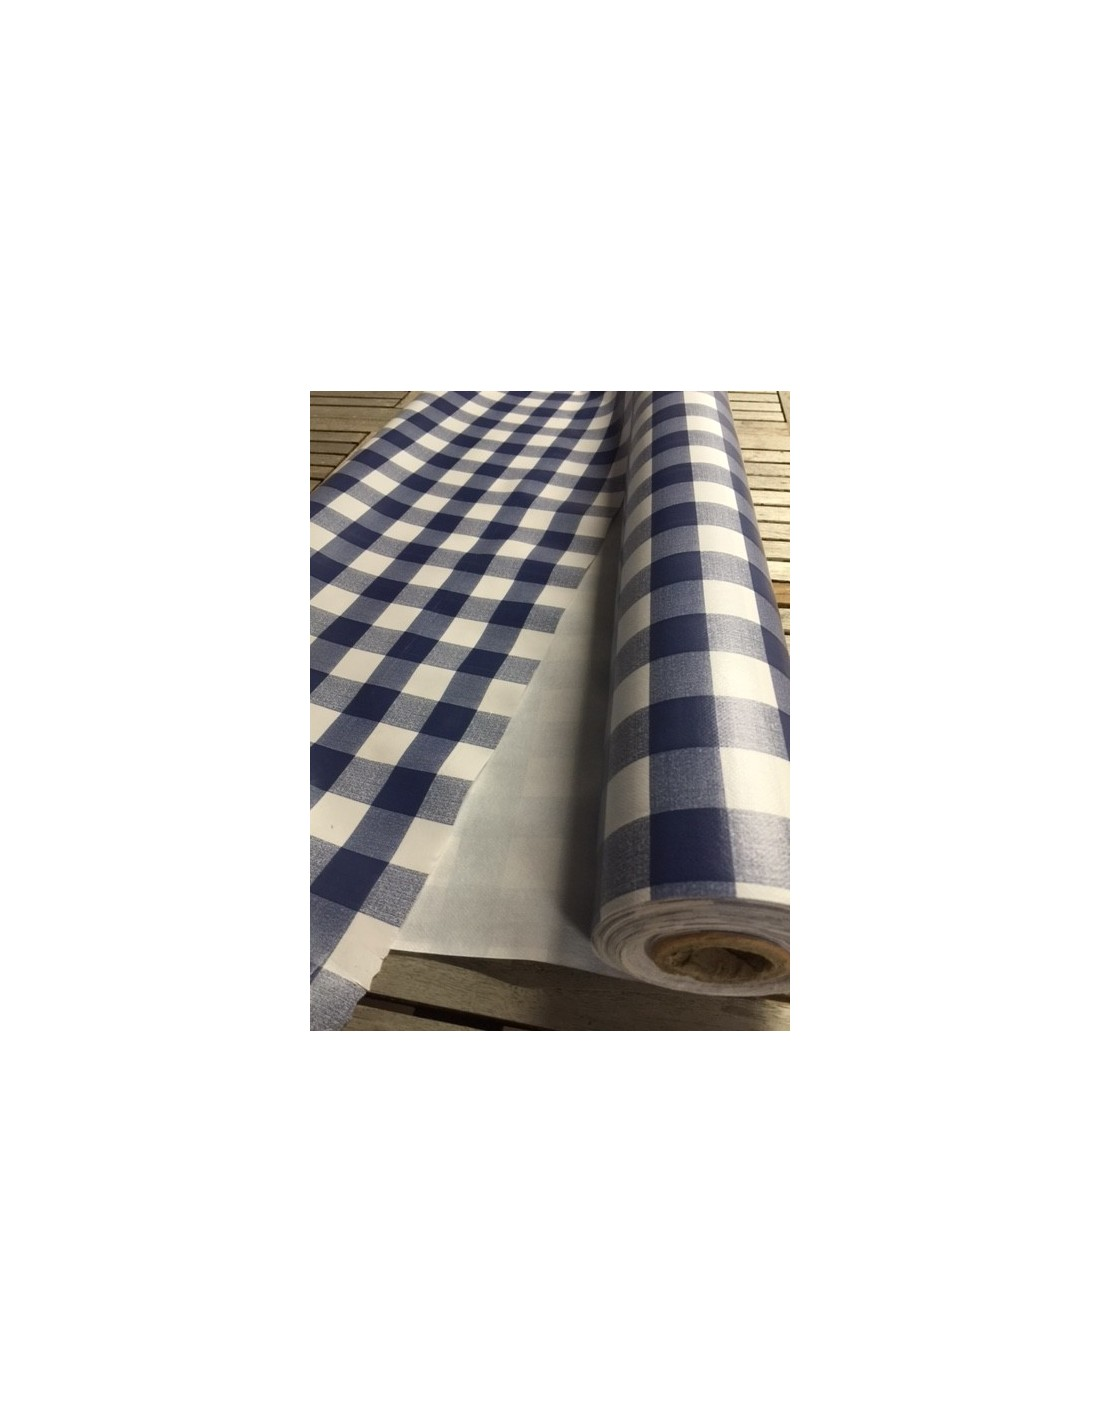 nappe pvc nappe table facile a nettoyer nappe pas cher nappe vinyle nappe de protection. Black Bedroom Furniture Sets. Home Design Ideas